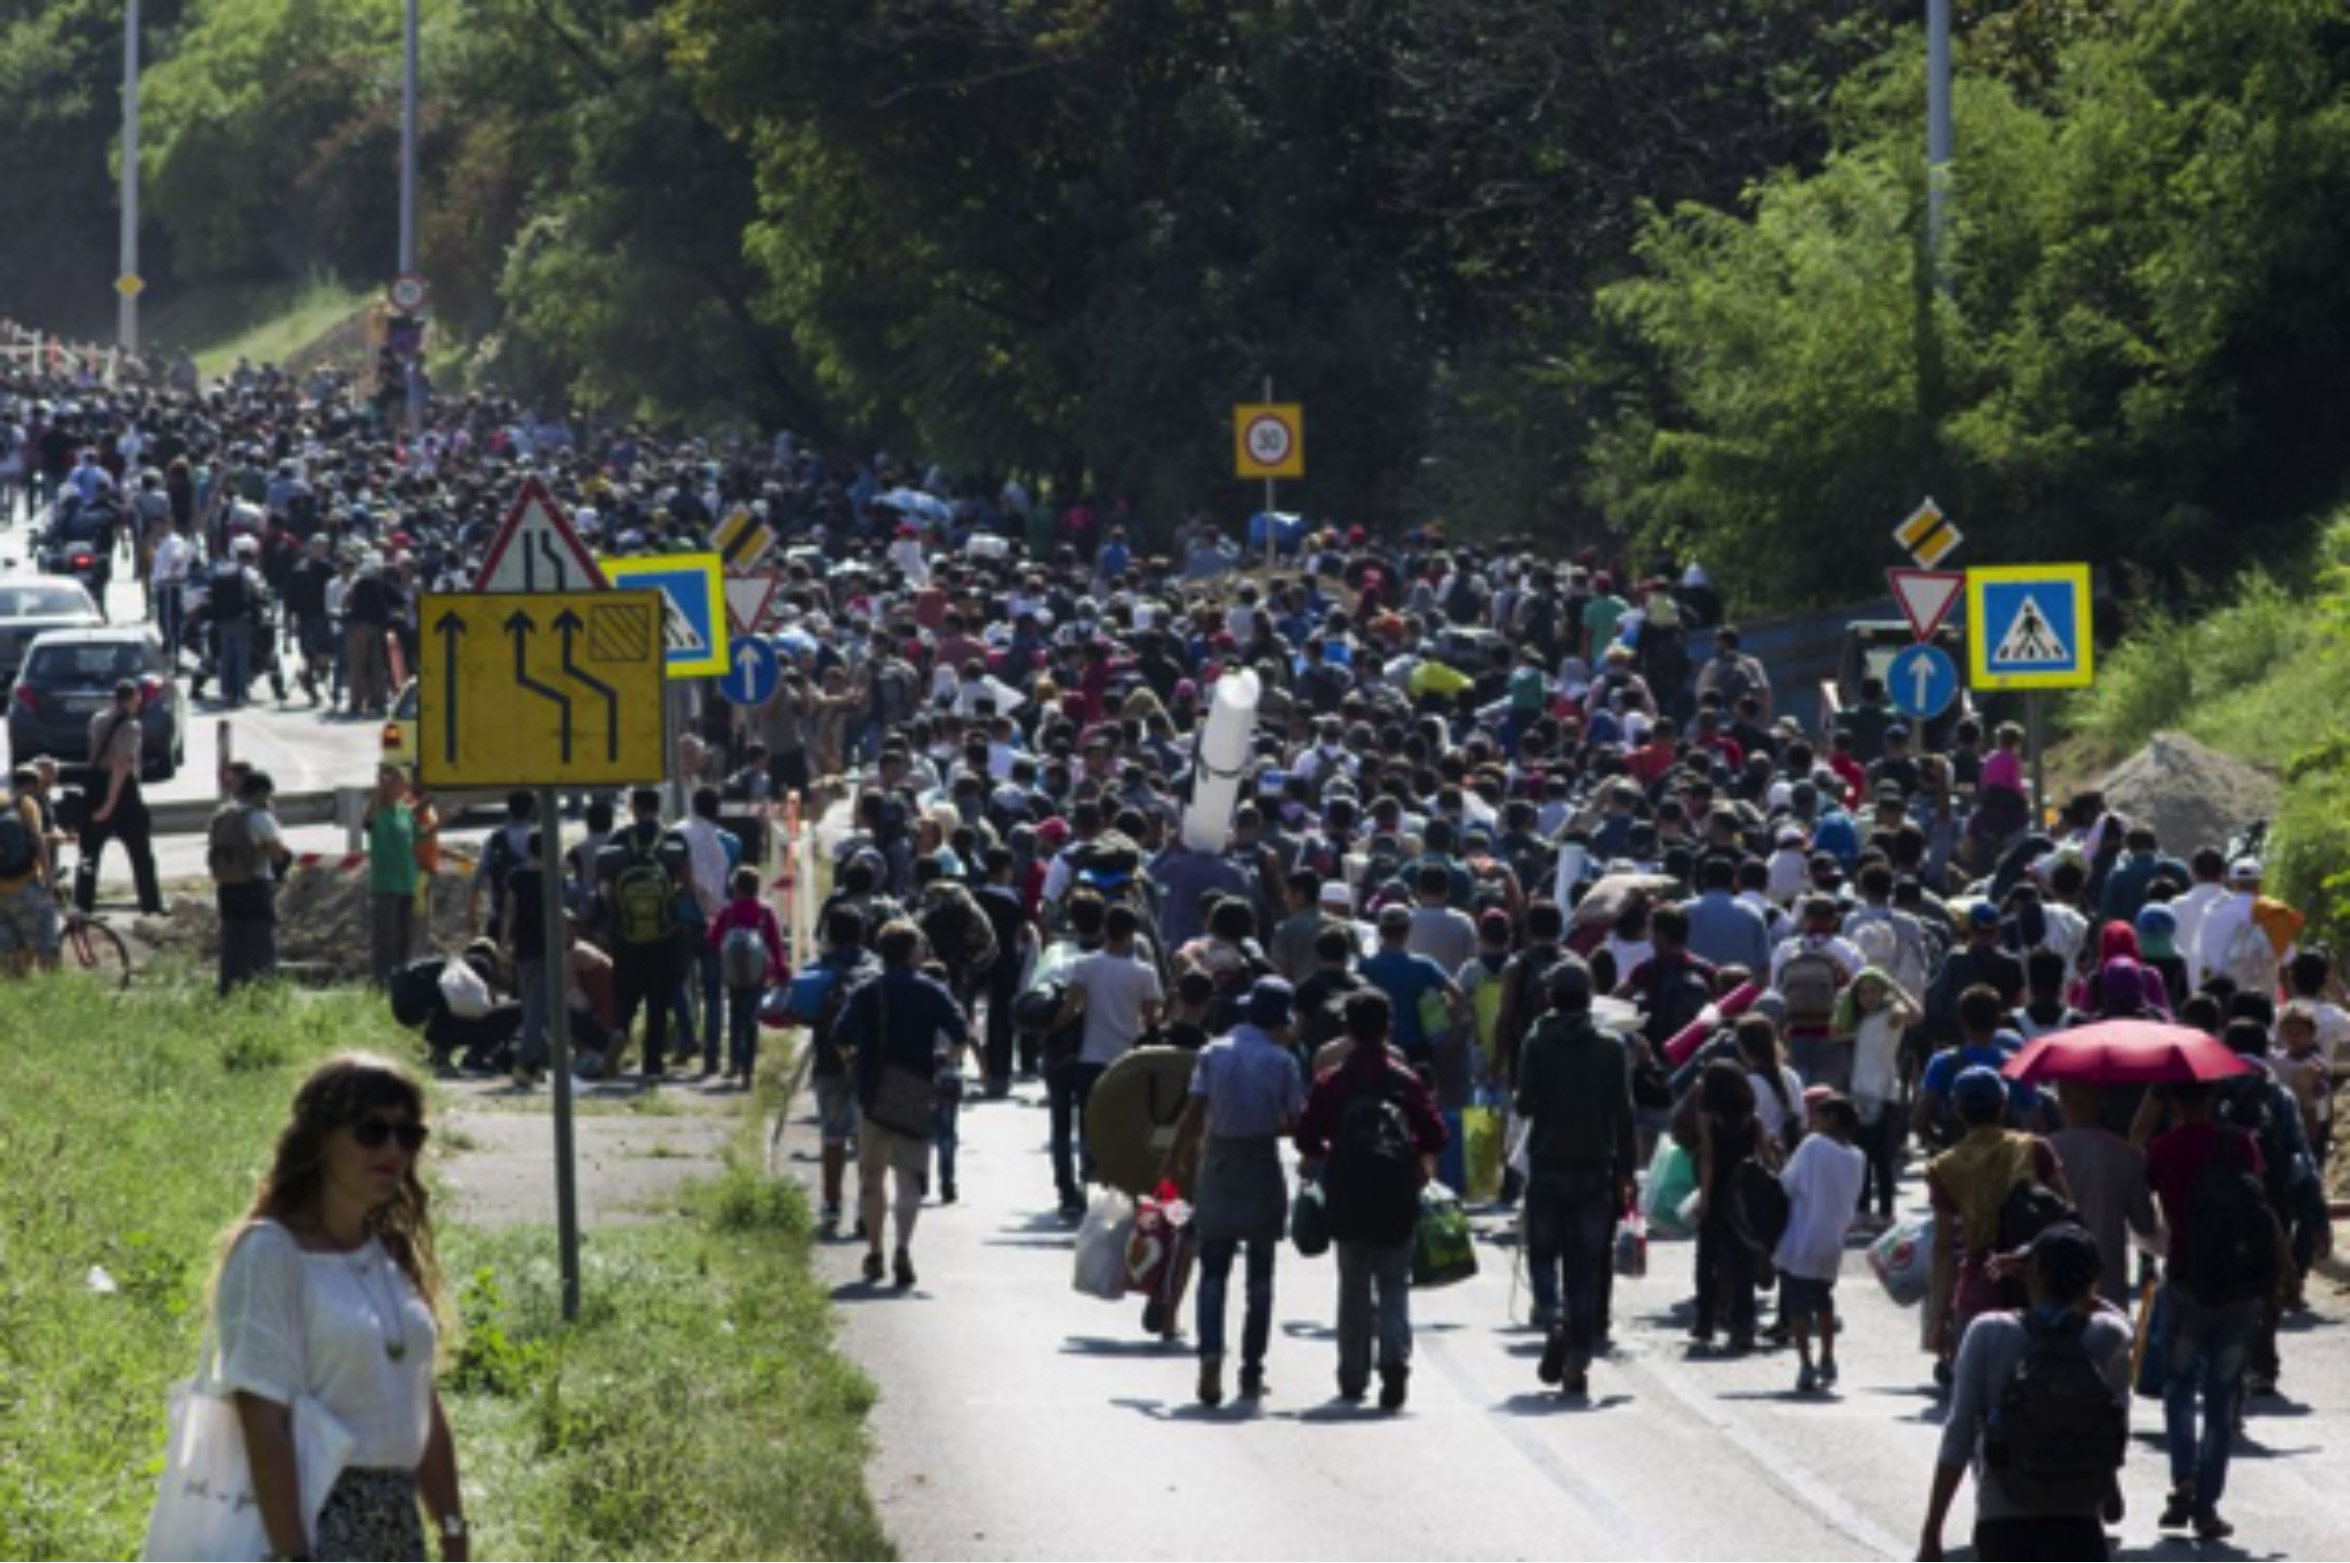 Áradnak a menekülők Magyarországról Európa felé